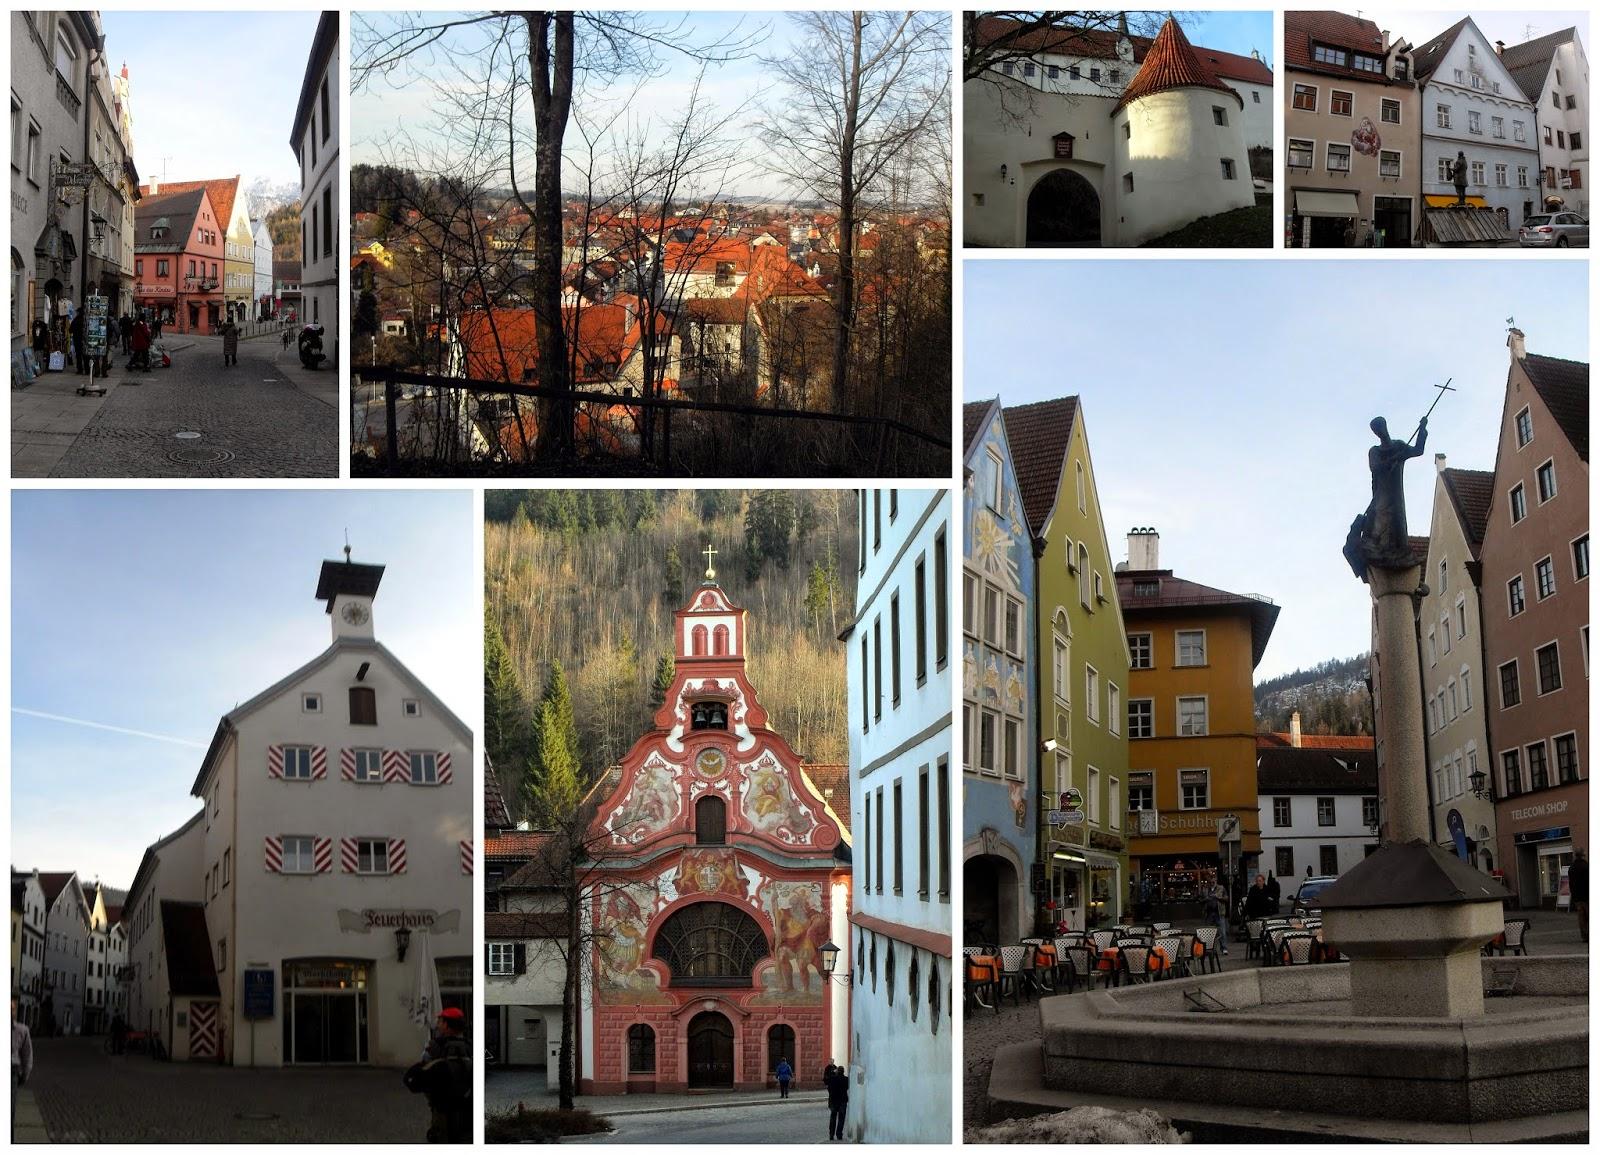 casco histórico de Füssen en Baviera, Alemania